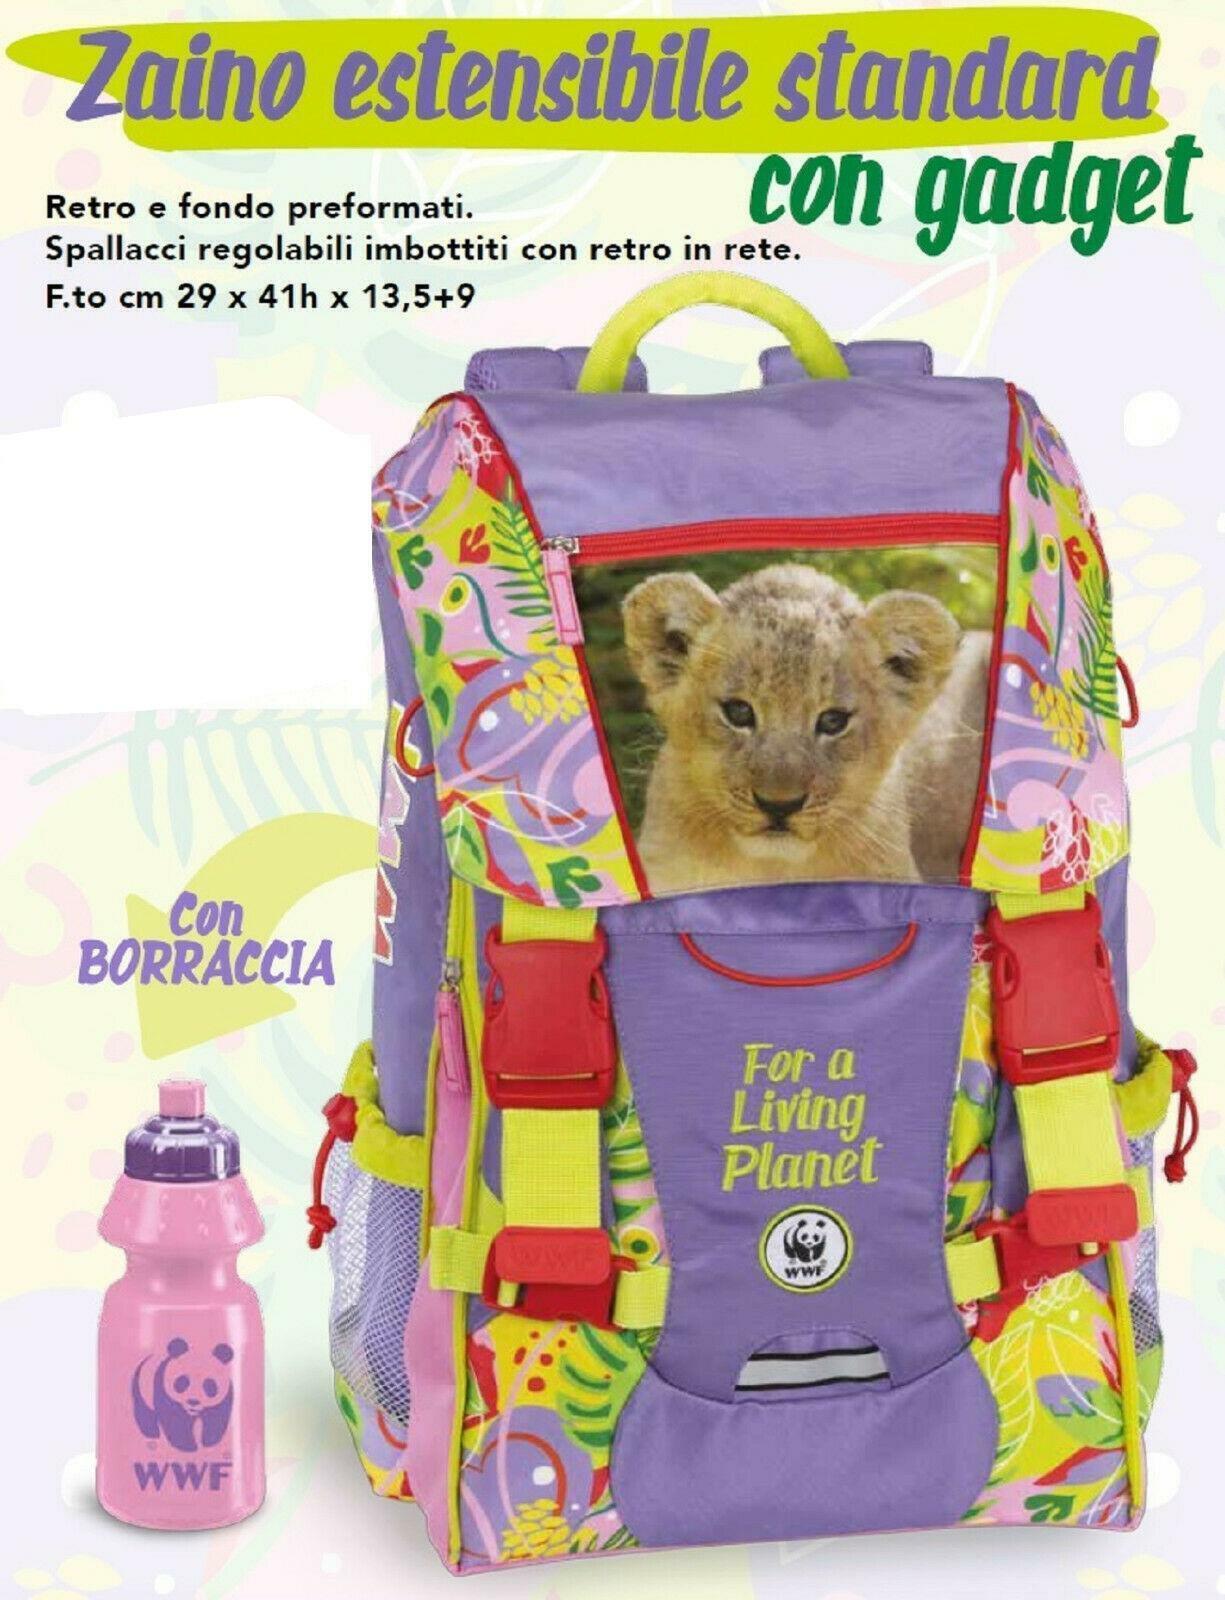 40d5d97779 ZAINO SCUOLA + WWF ITALIA ONLUS Novità 2019-2020 SCHOOL GIRL Backpack  BORRACCIA, oozftd8049-Articoli per la scuola